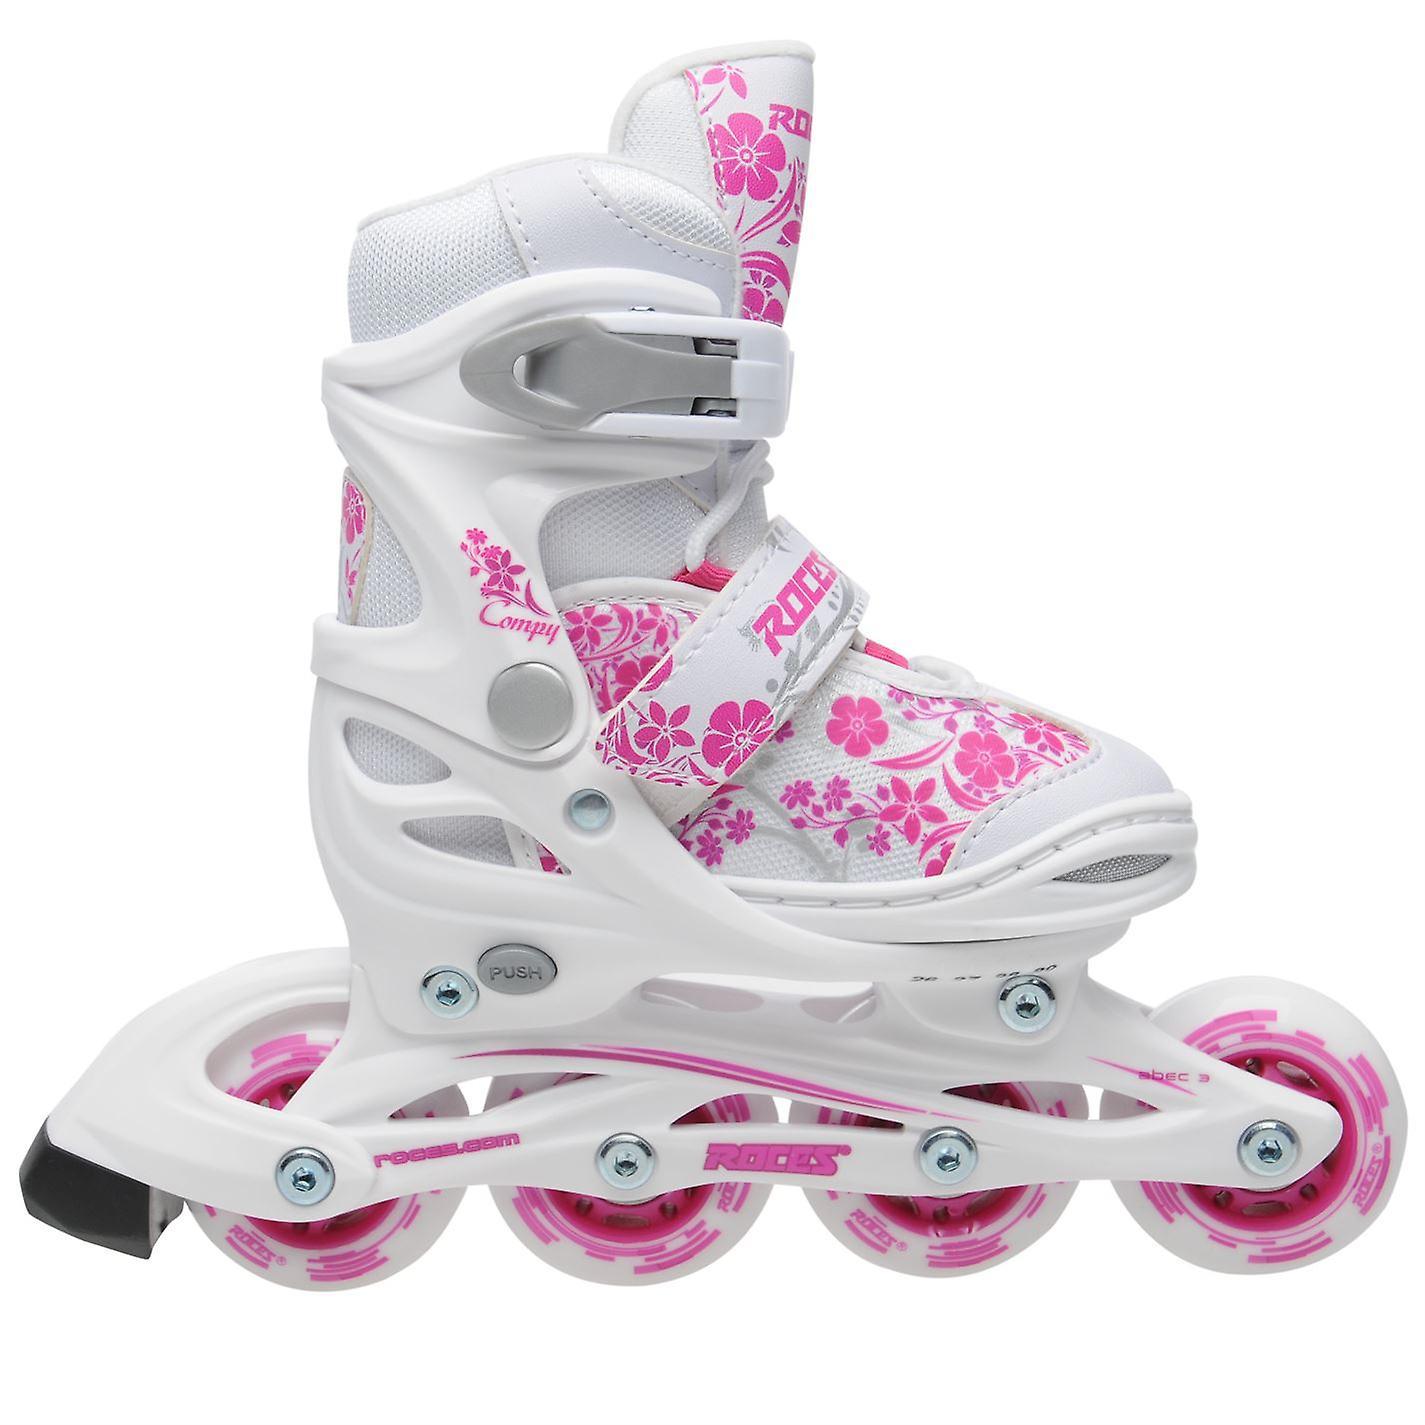 Roces enfants filles Compy 8,0 patins Inline